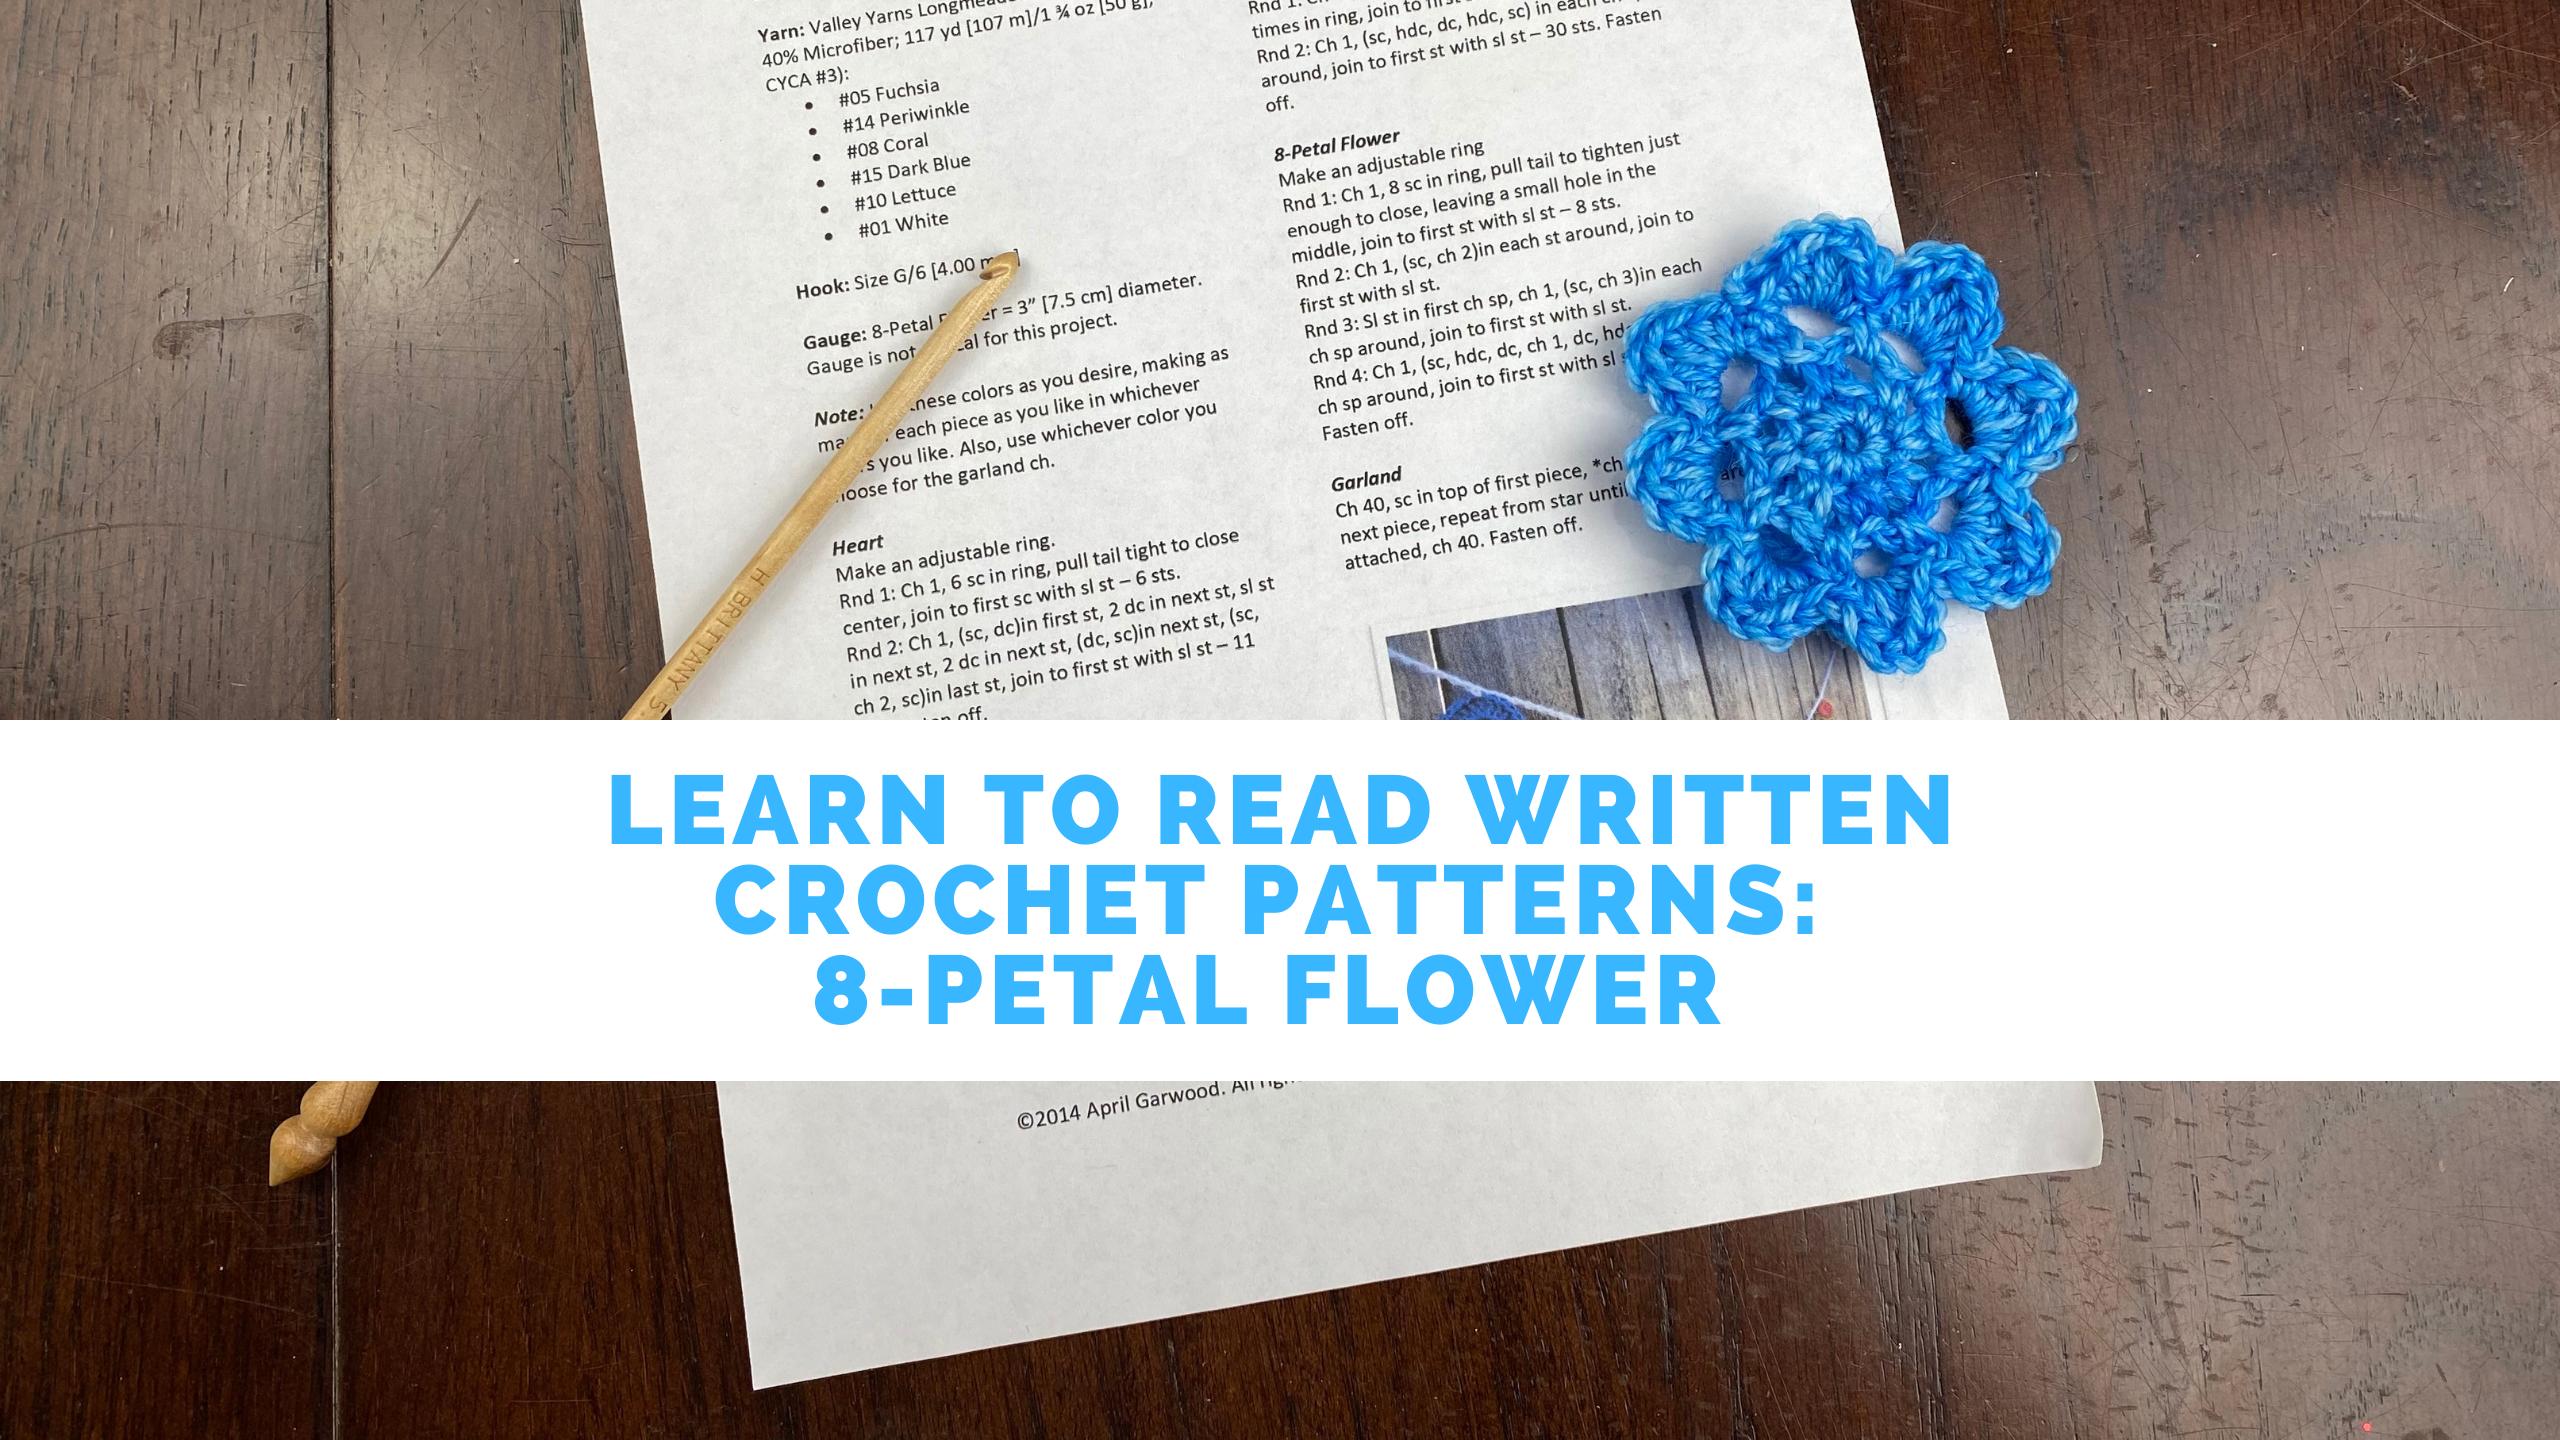 Printed crochet pattern, wooden crochet hook, and a blue crochet flower sitting on a table. Text reads: Learn to read written crochet patterns: 8-petal flower.